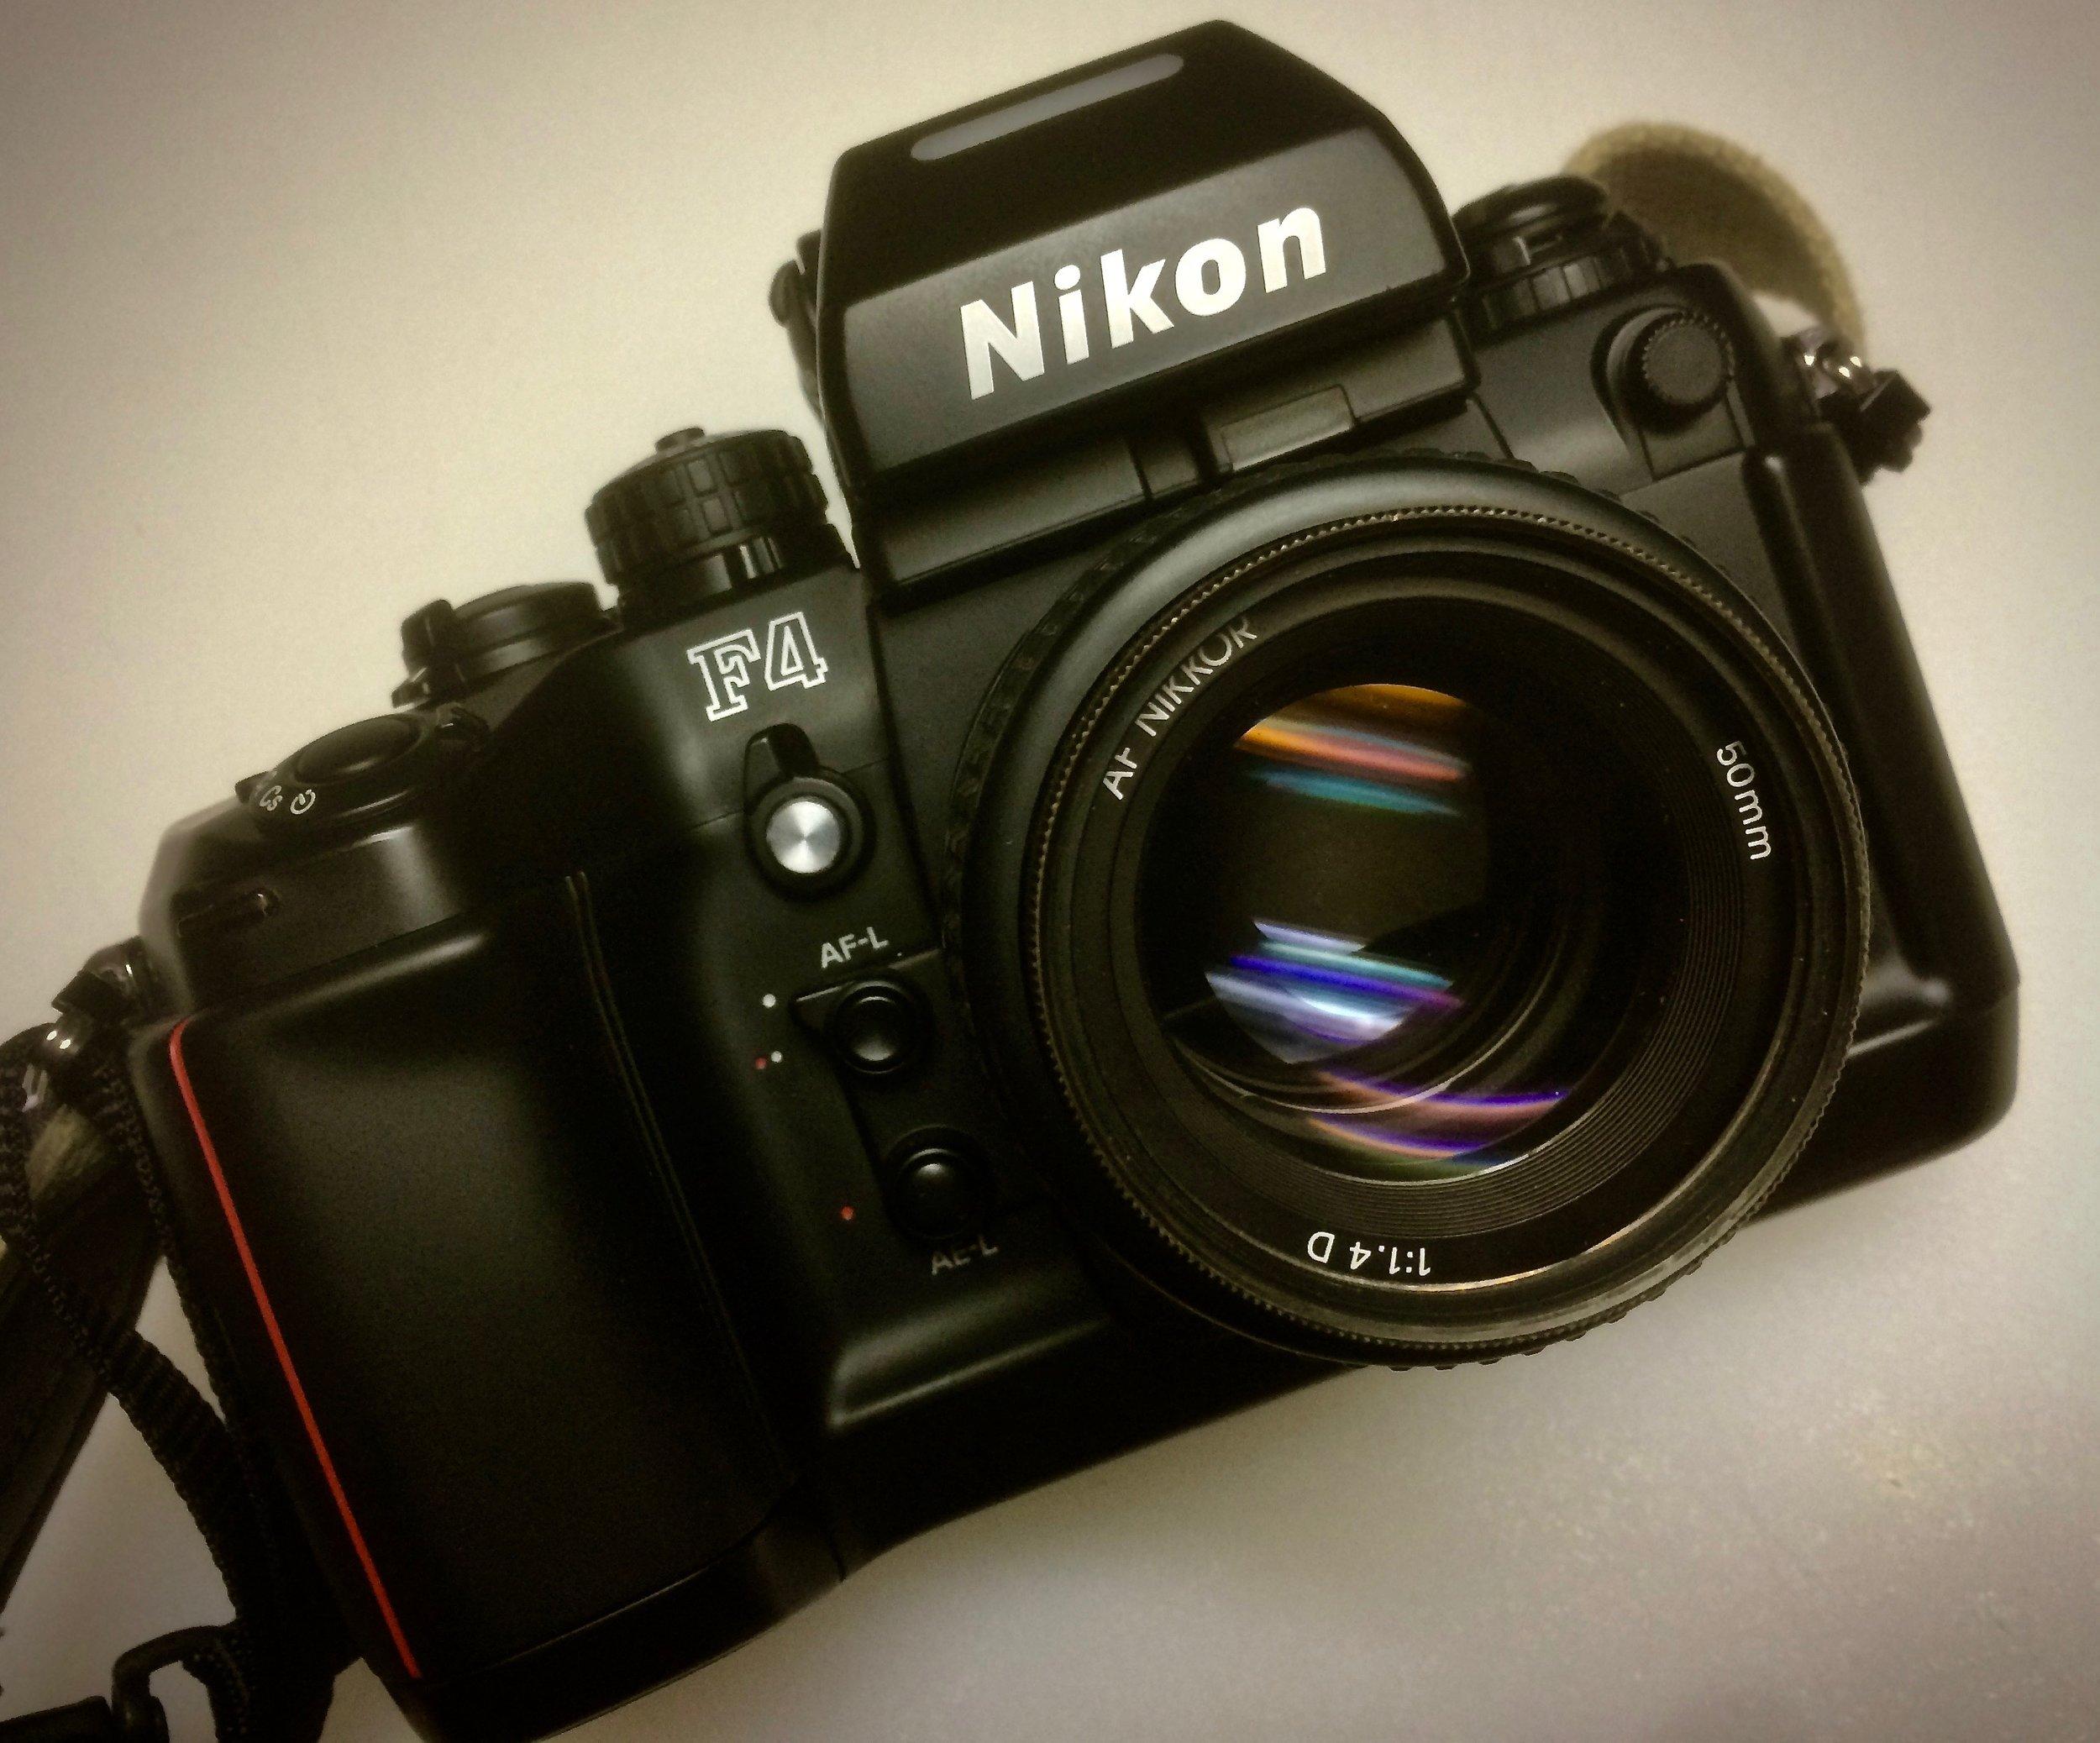 Nikon F4 with MB-20